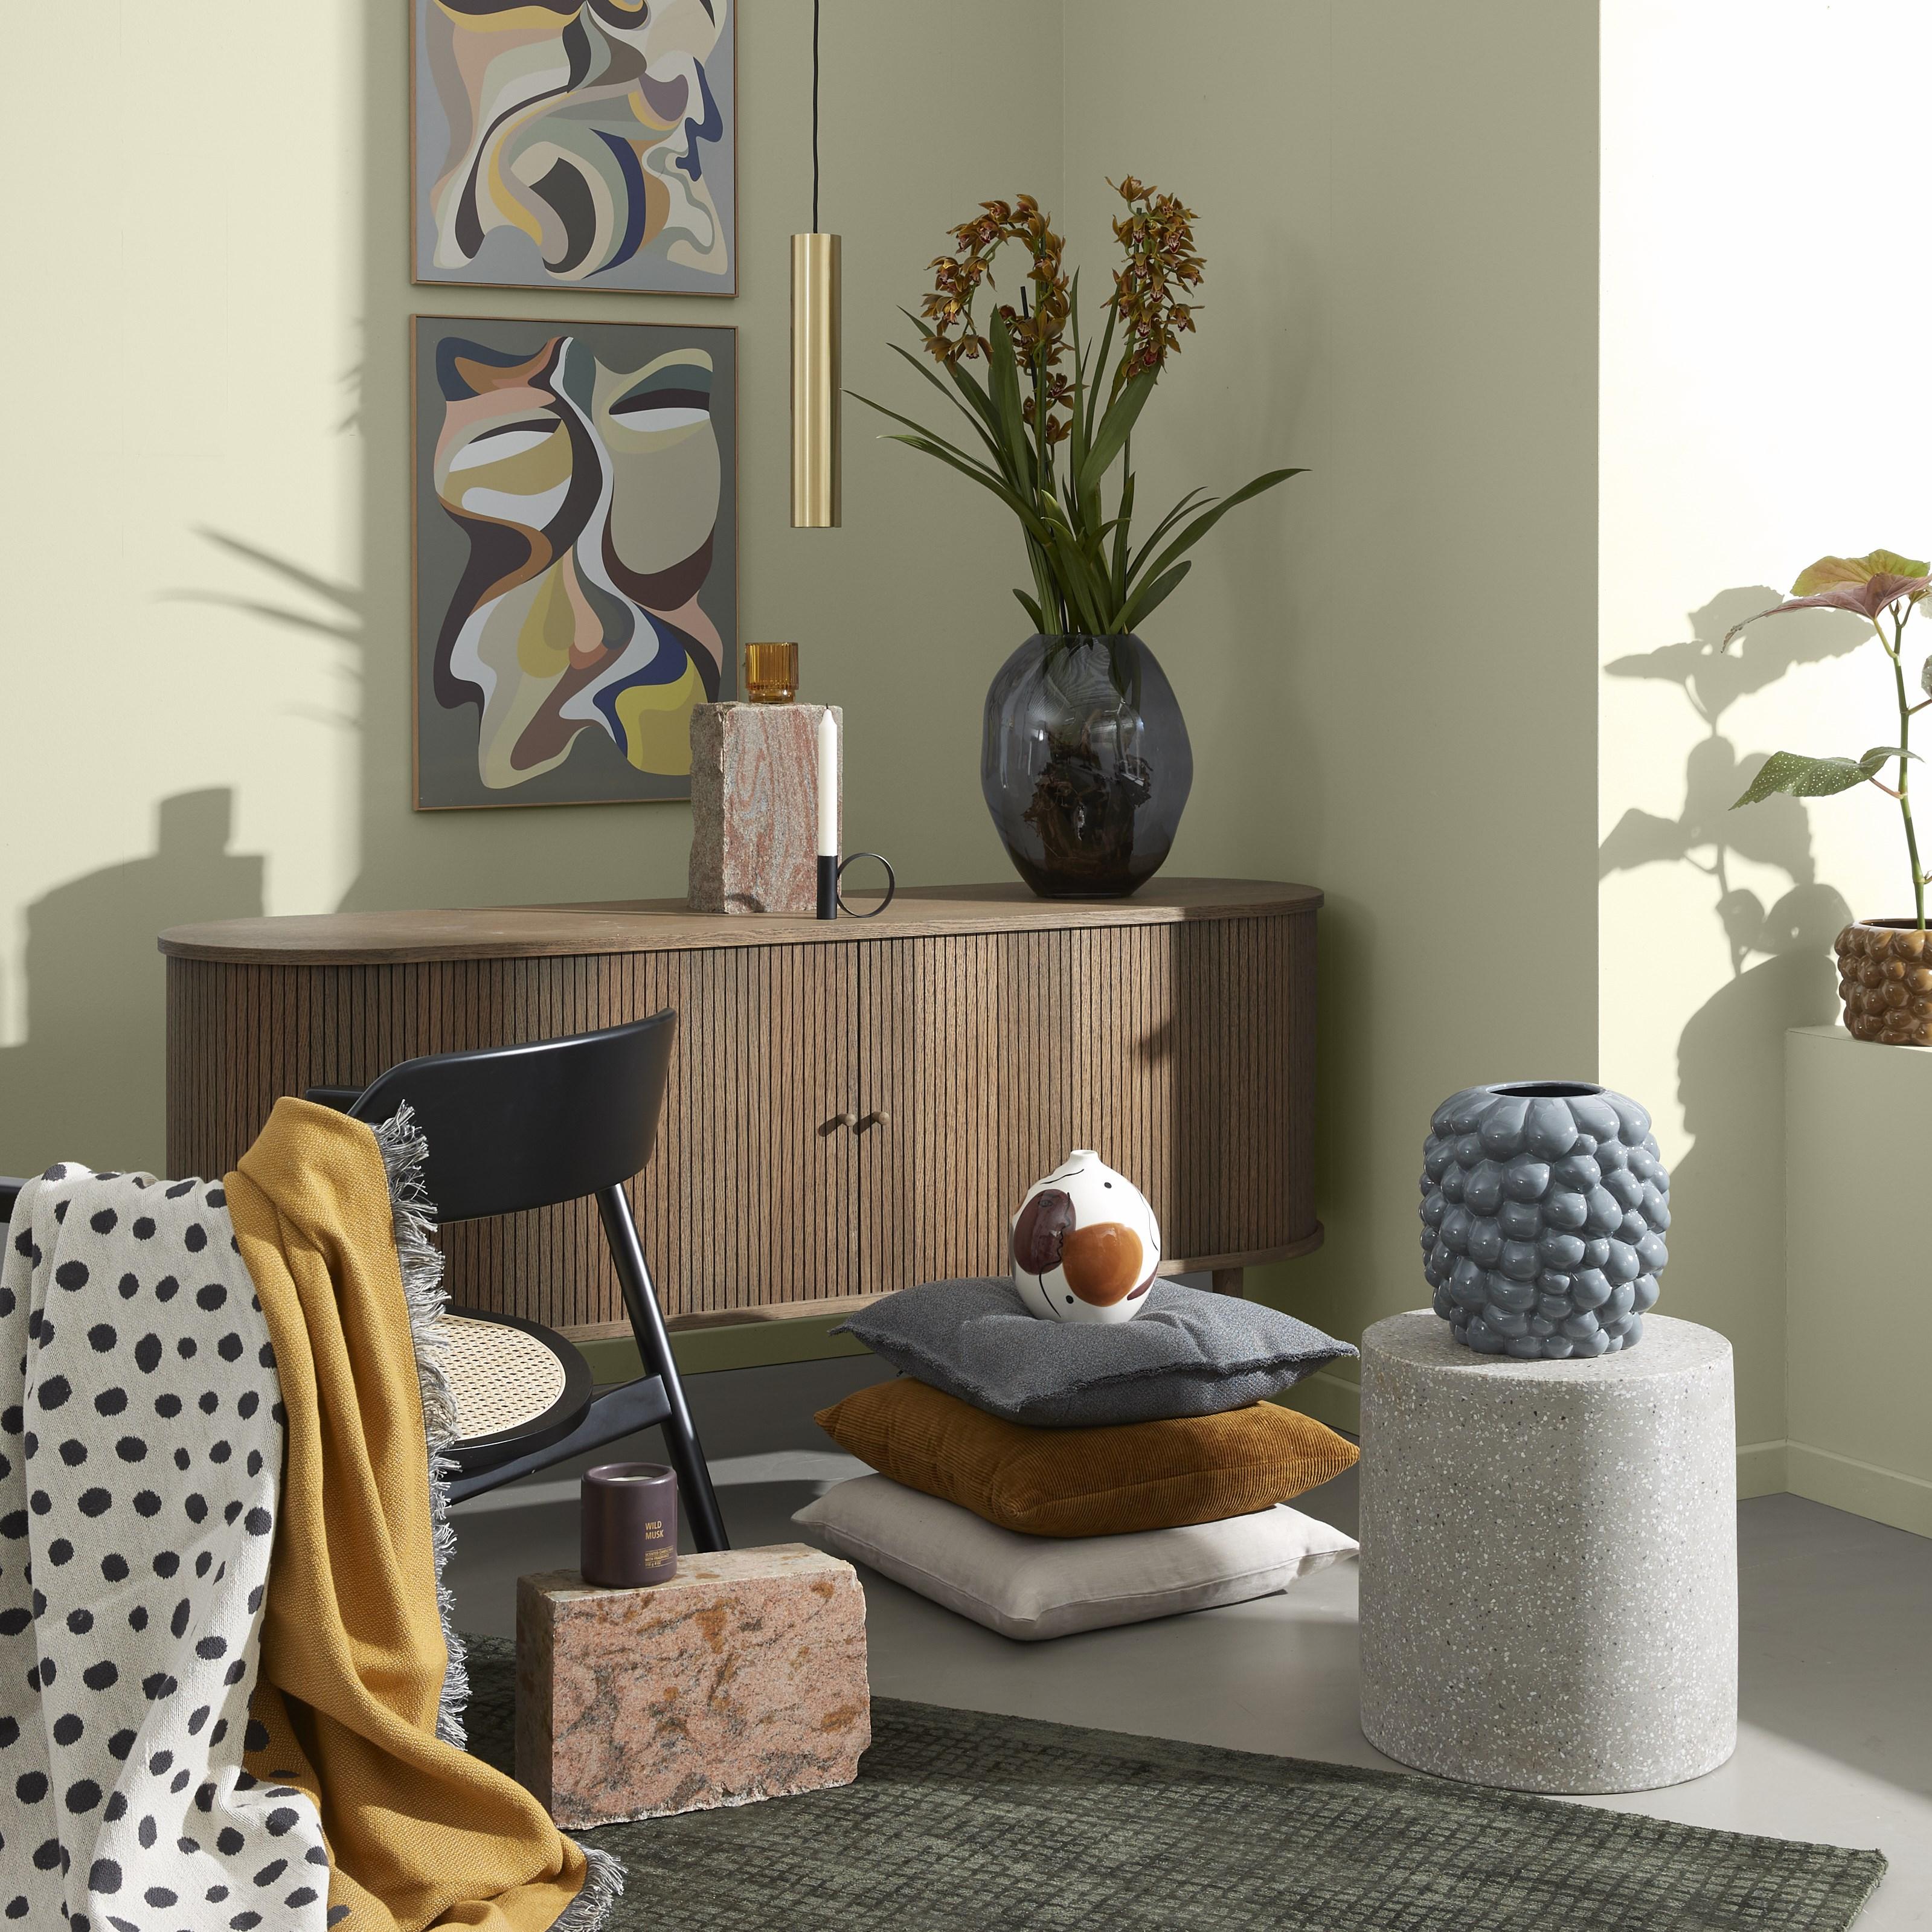 Farverig 50'er-stil i indretningen